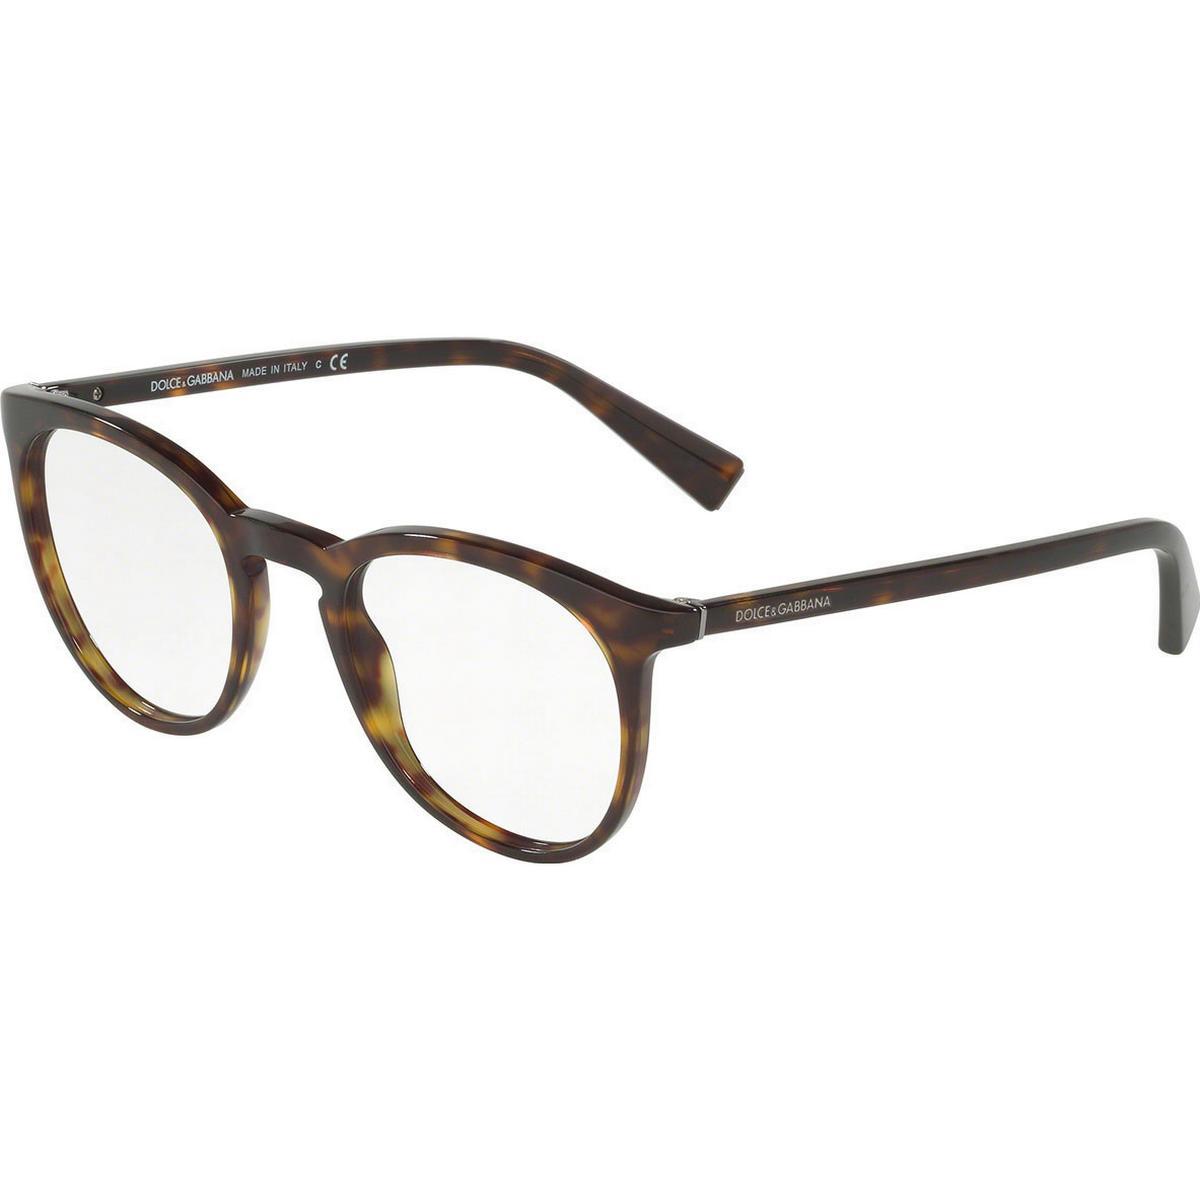 Dolce & Gabbana Briller (1000+ produkter) • Se billigste